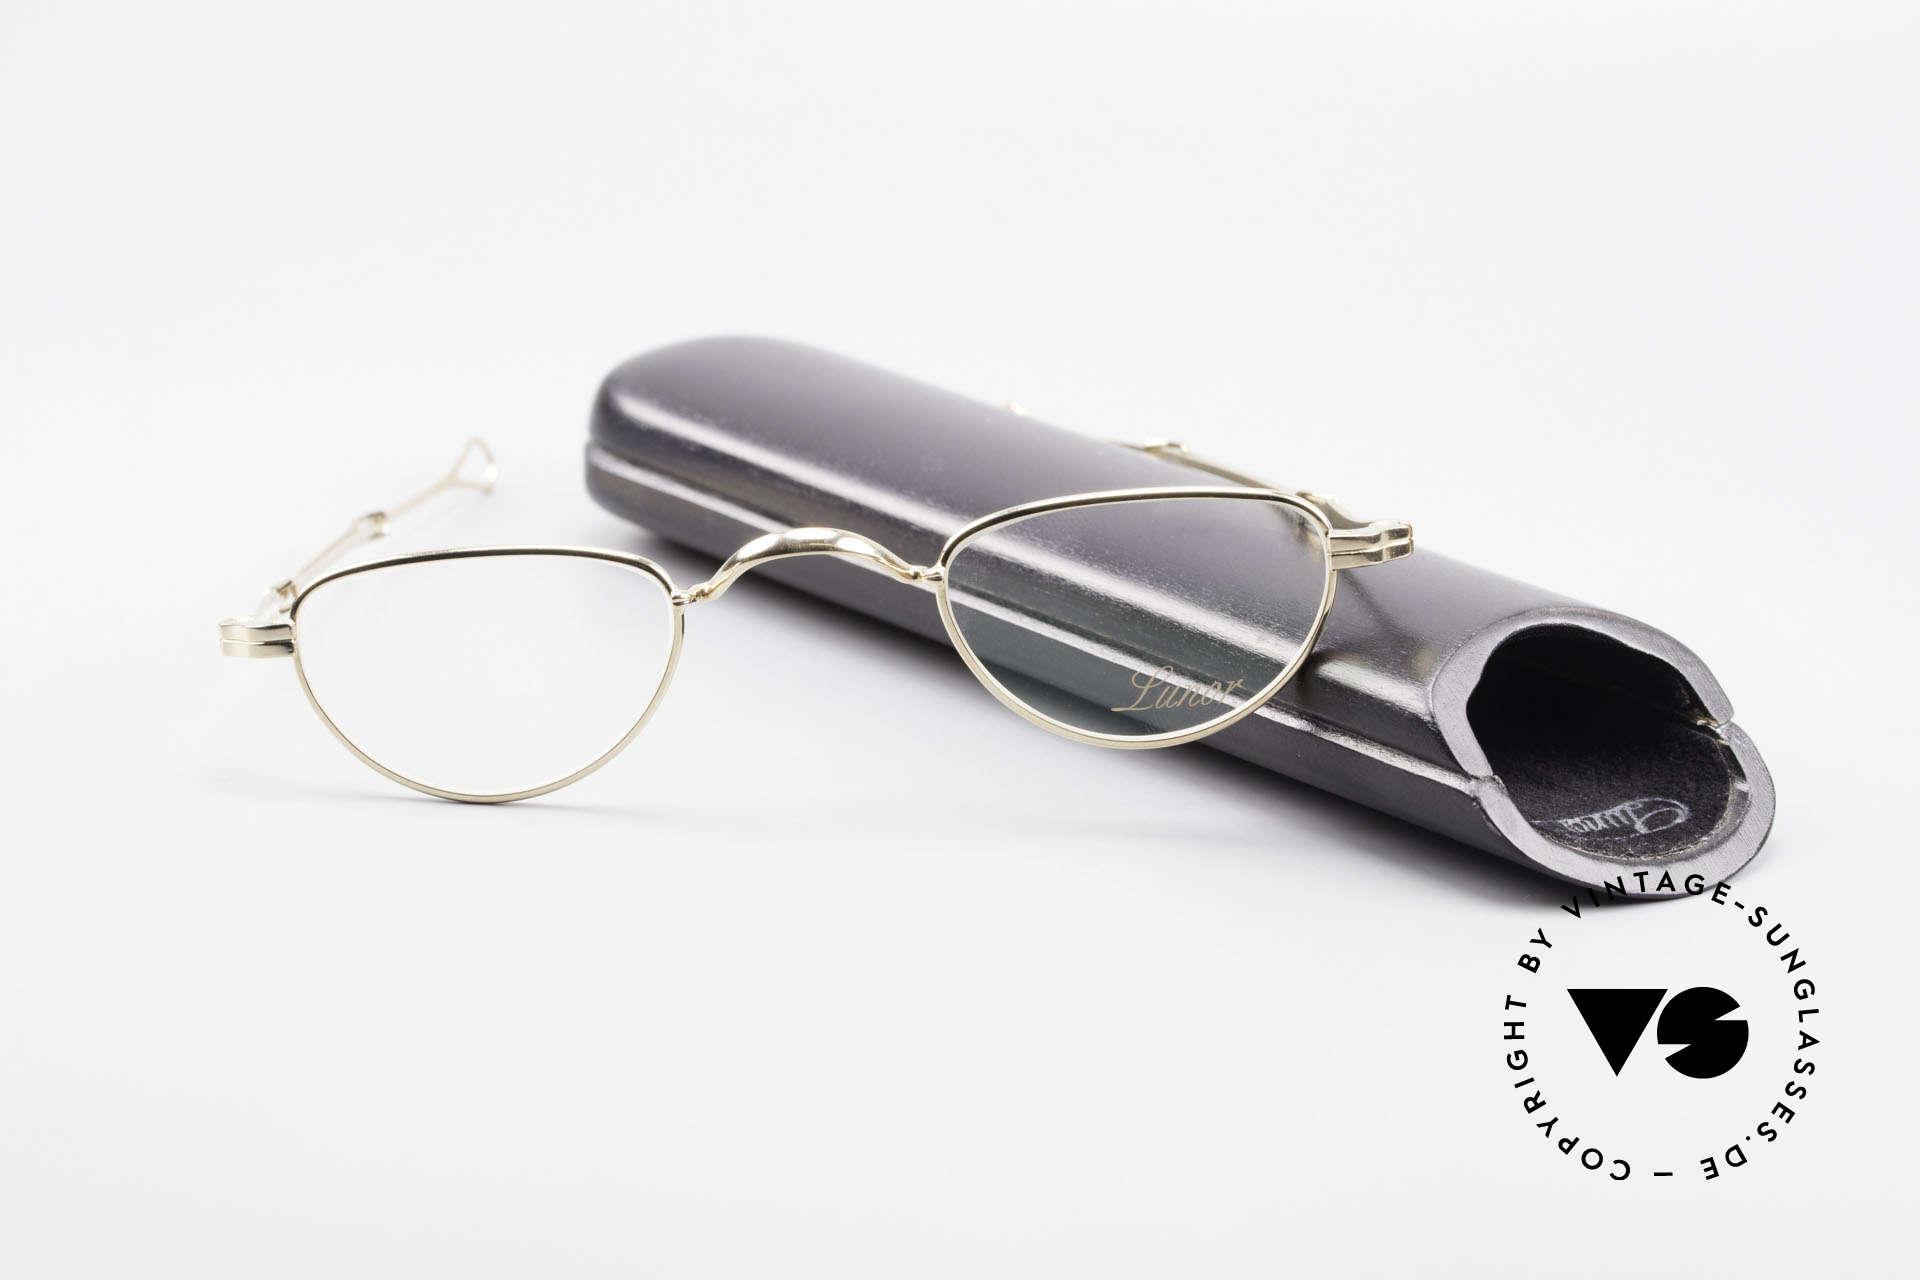 Lunor I 06 Telescopic Ausziehbare Brille Vergoldet, Größe: extra small, Passend für Herren und Damen